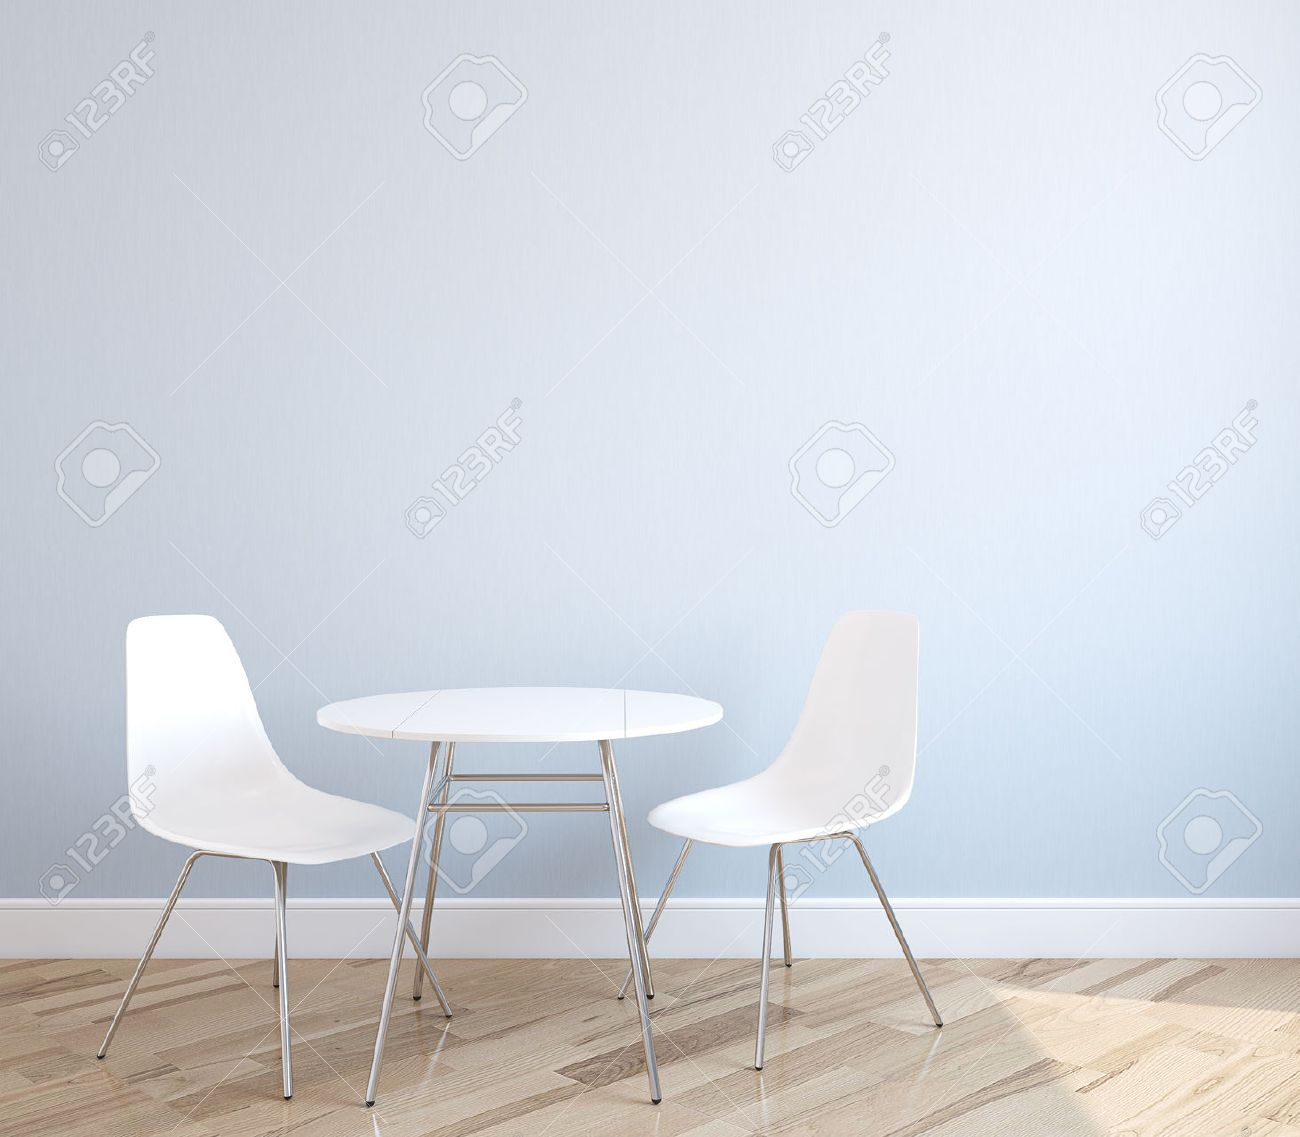 mesa con sillas interior con una mesa y dos sillas blancas cerca de la pared